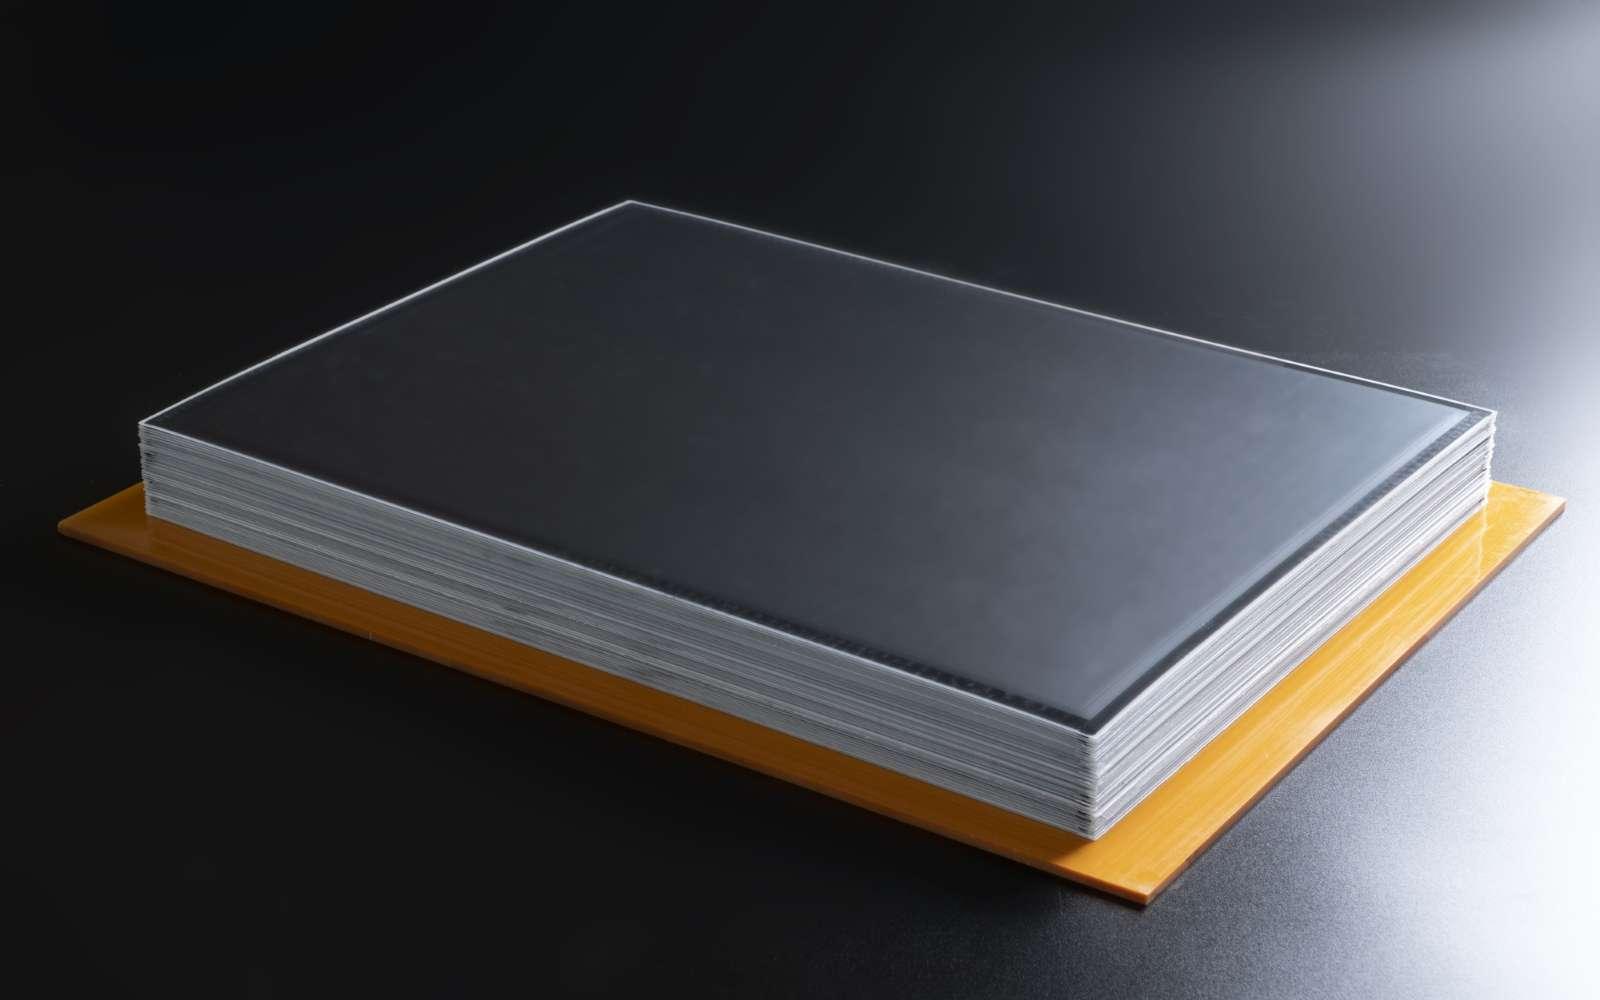 L'architecture de la batterie APB repose sur une accumulation de couches de résine. Un procédé qui vient considérablement réduire les coûts de production. © APB Corp